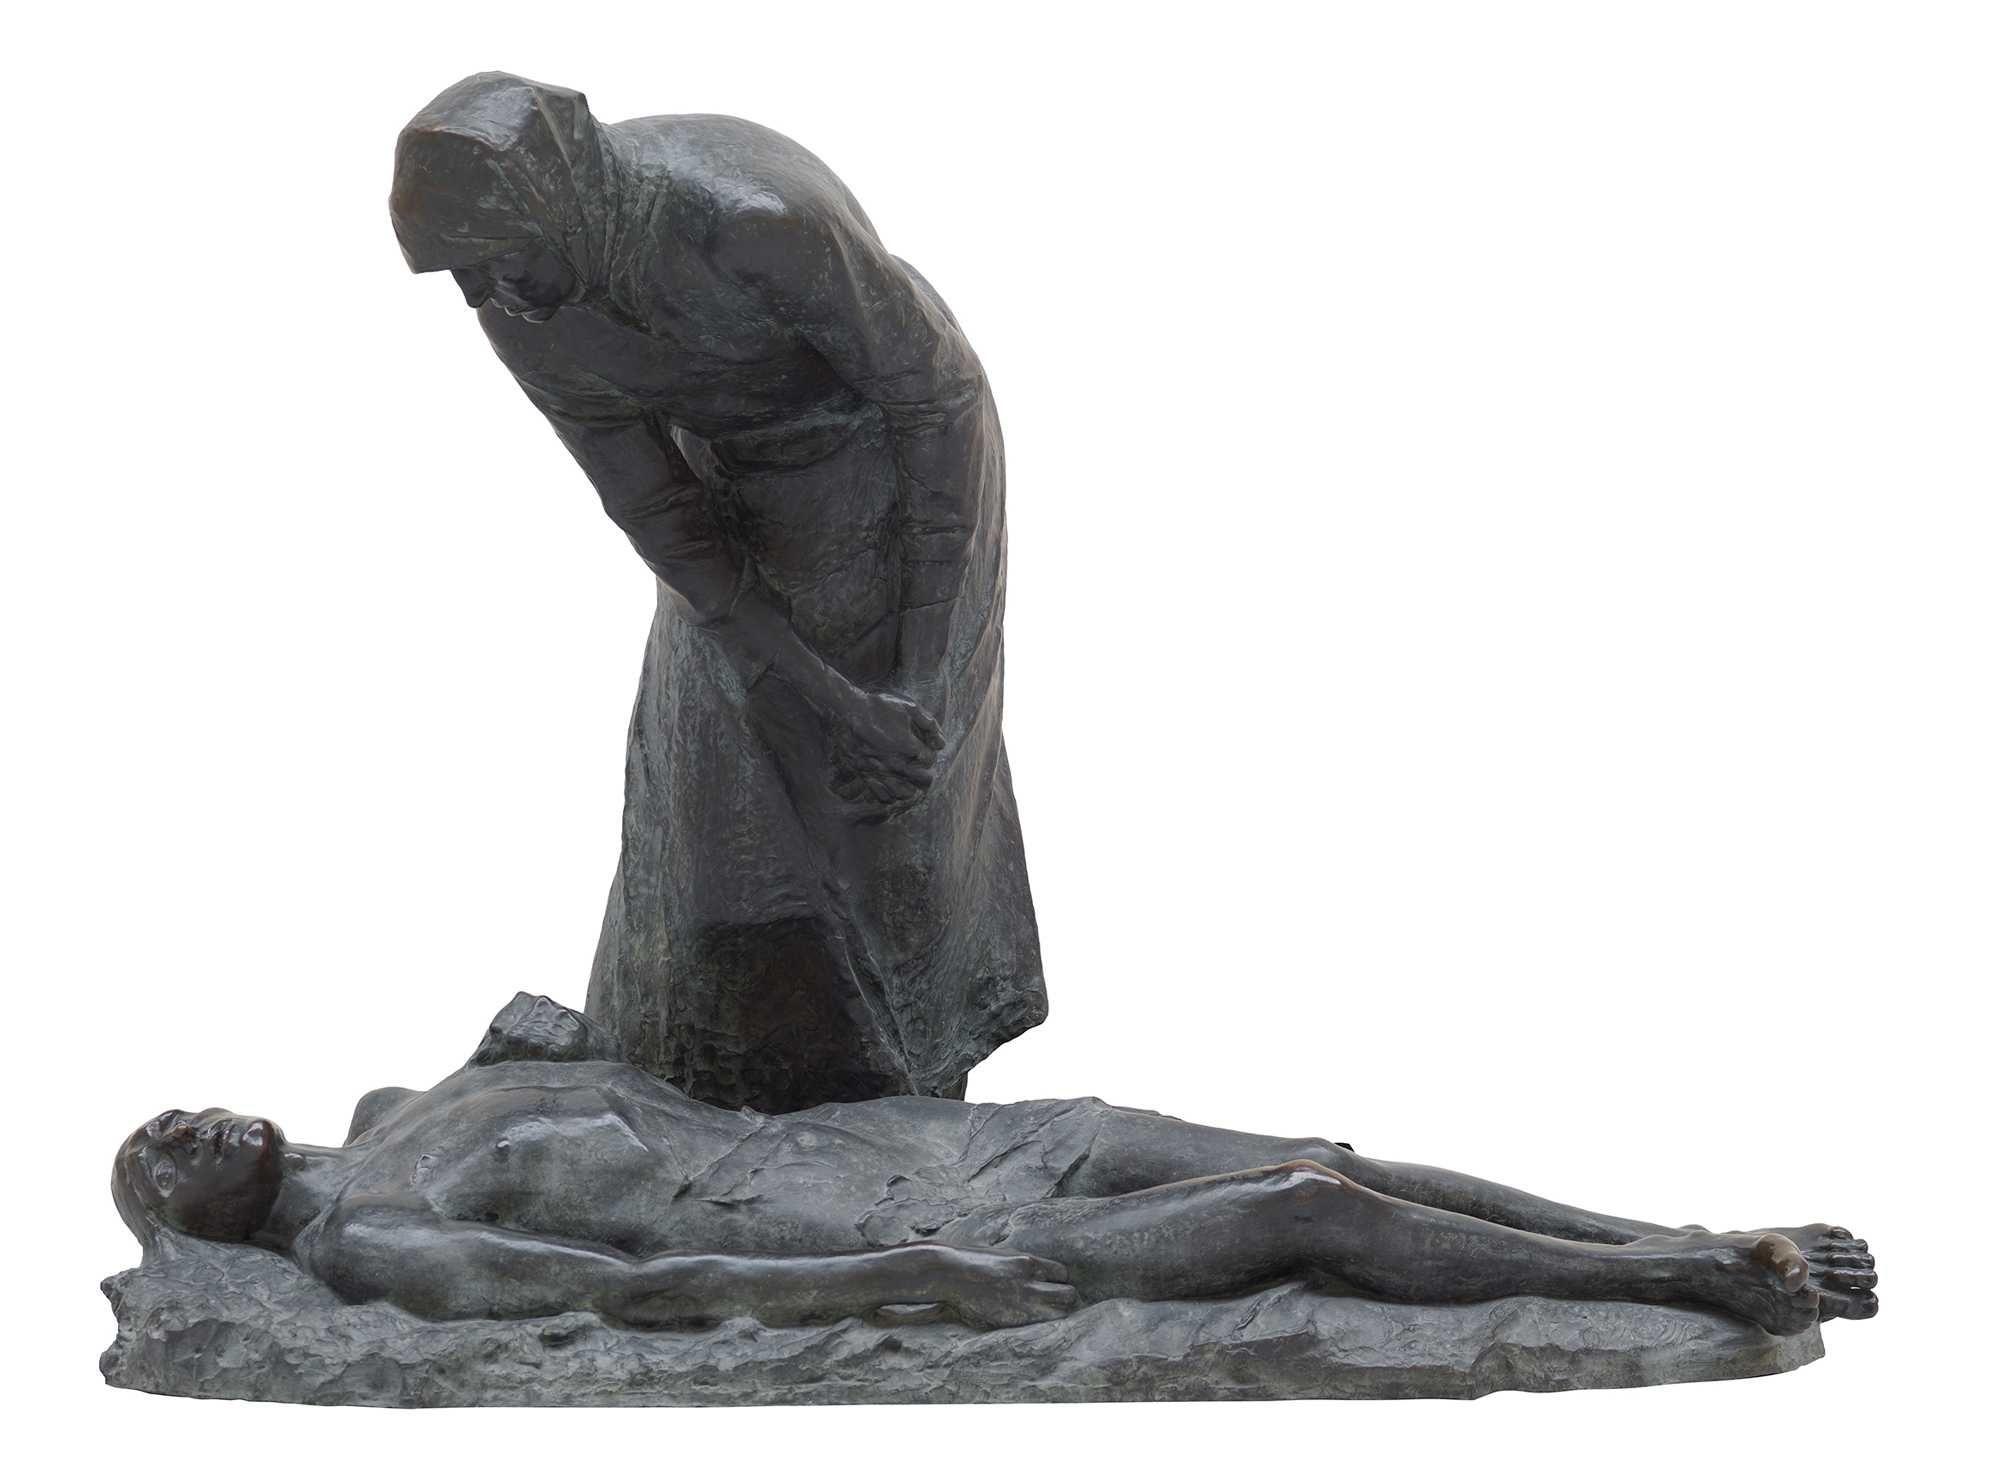 Constantin Meunier, Firedamp, 1888, bronze, Meunier Museum, Royal Museums of Fine Arts in Belgium, Brussels.